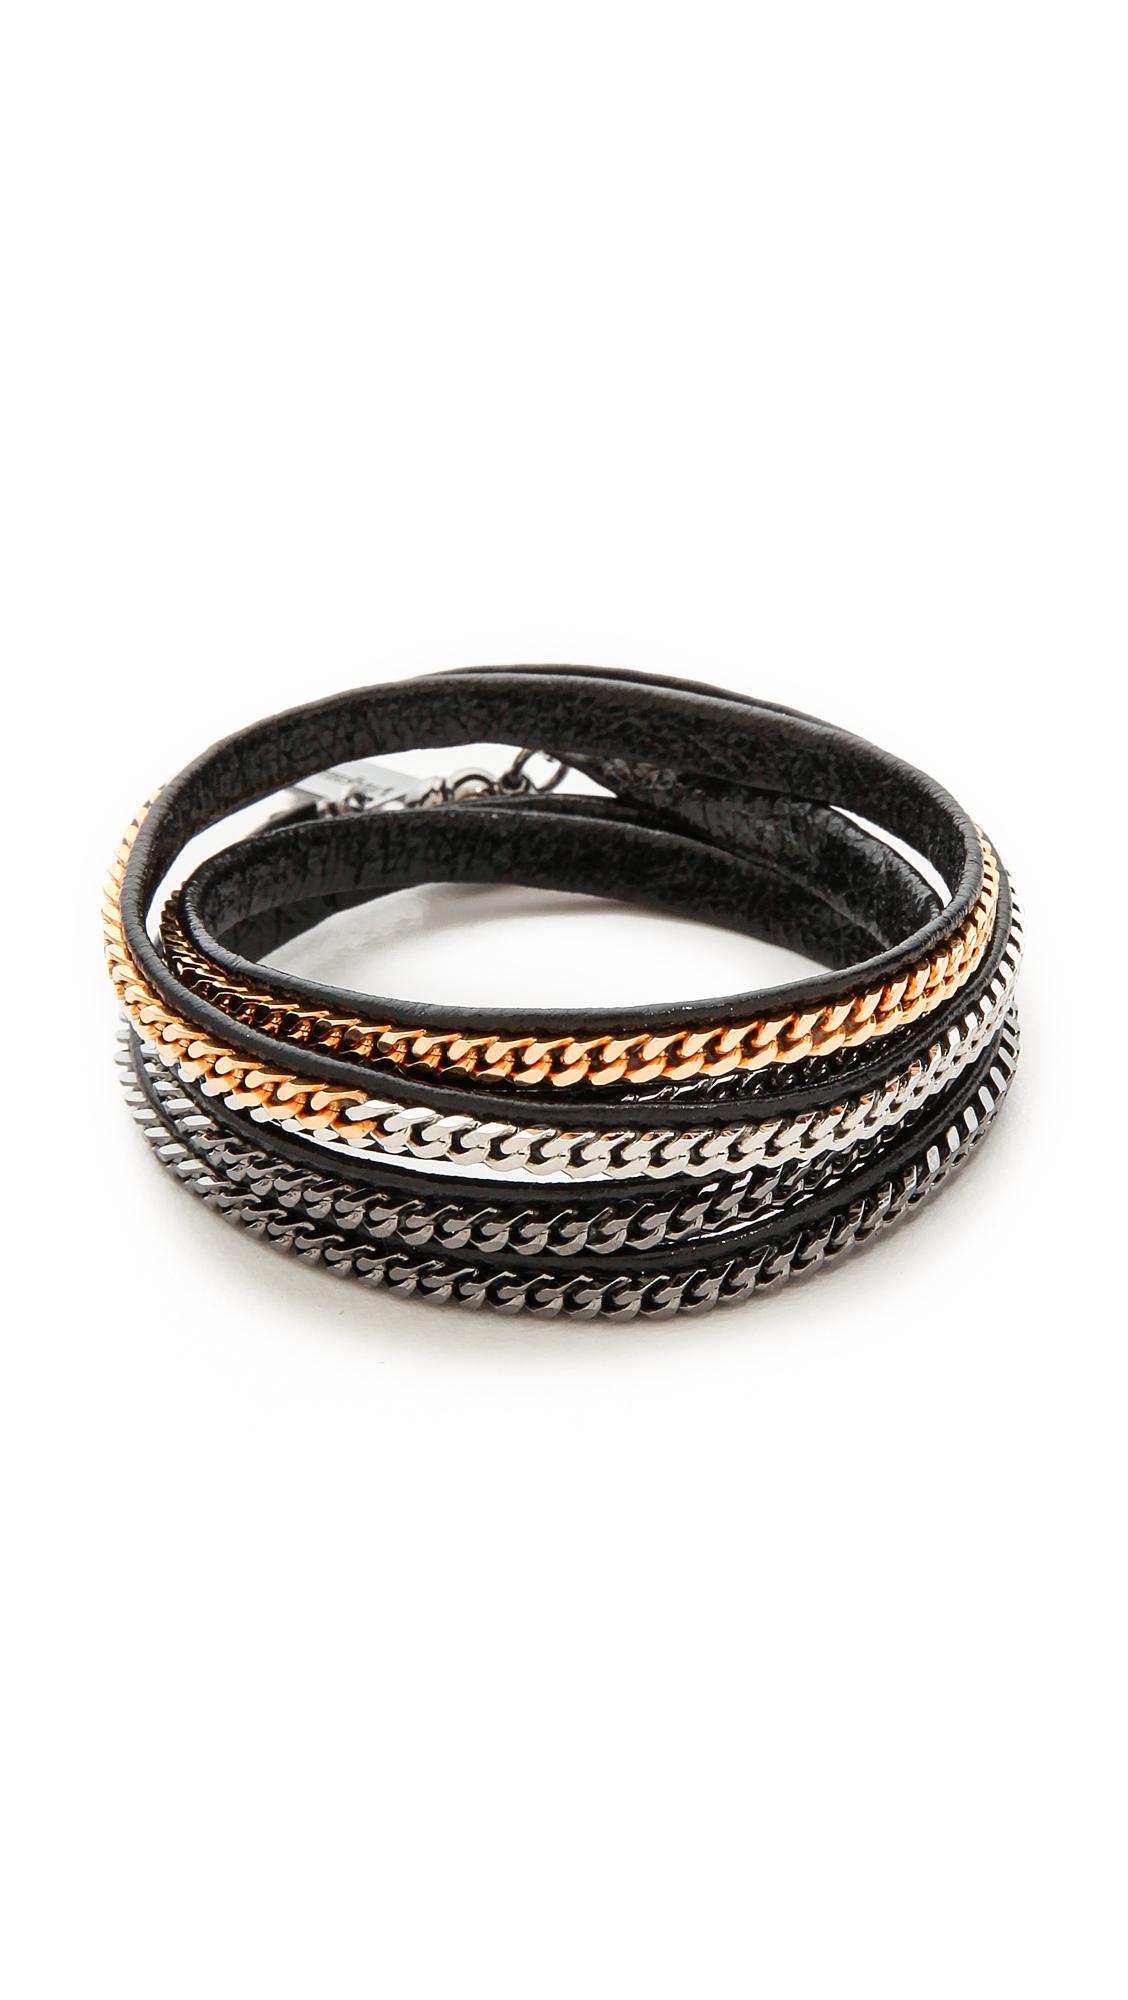 Vita Fede Capri 5 Wrap Bracelet - Black/Multi